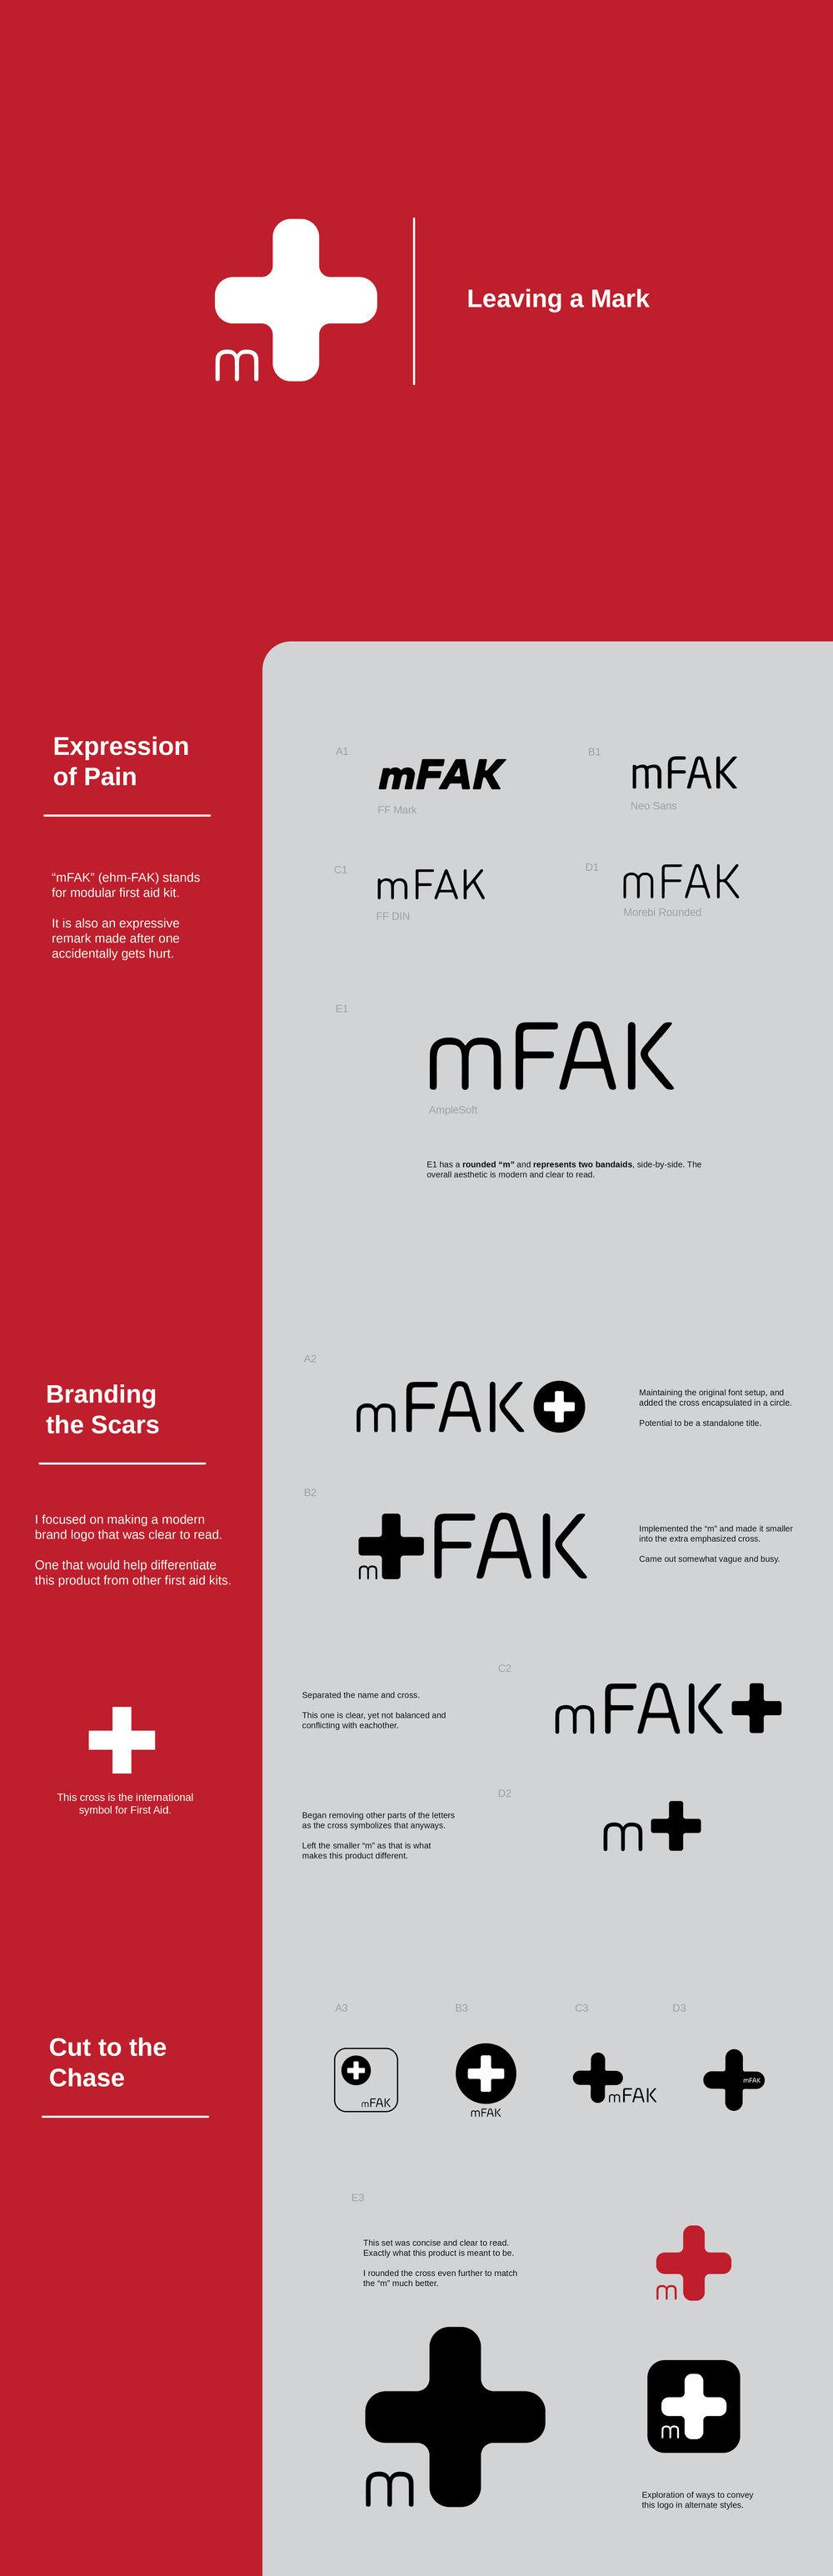 mFAK-v3-presentation9.jpg